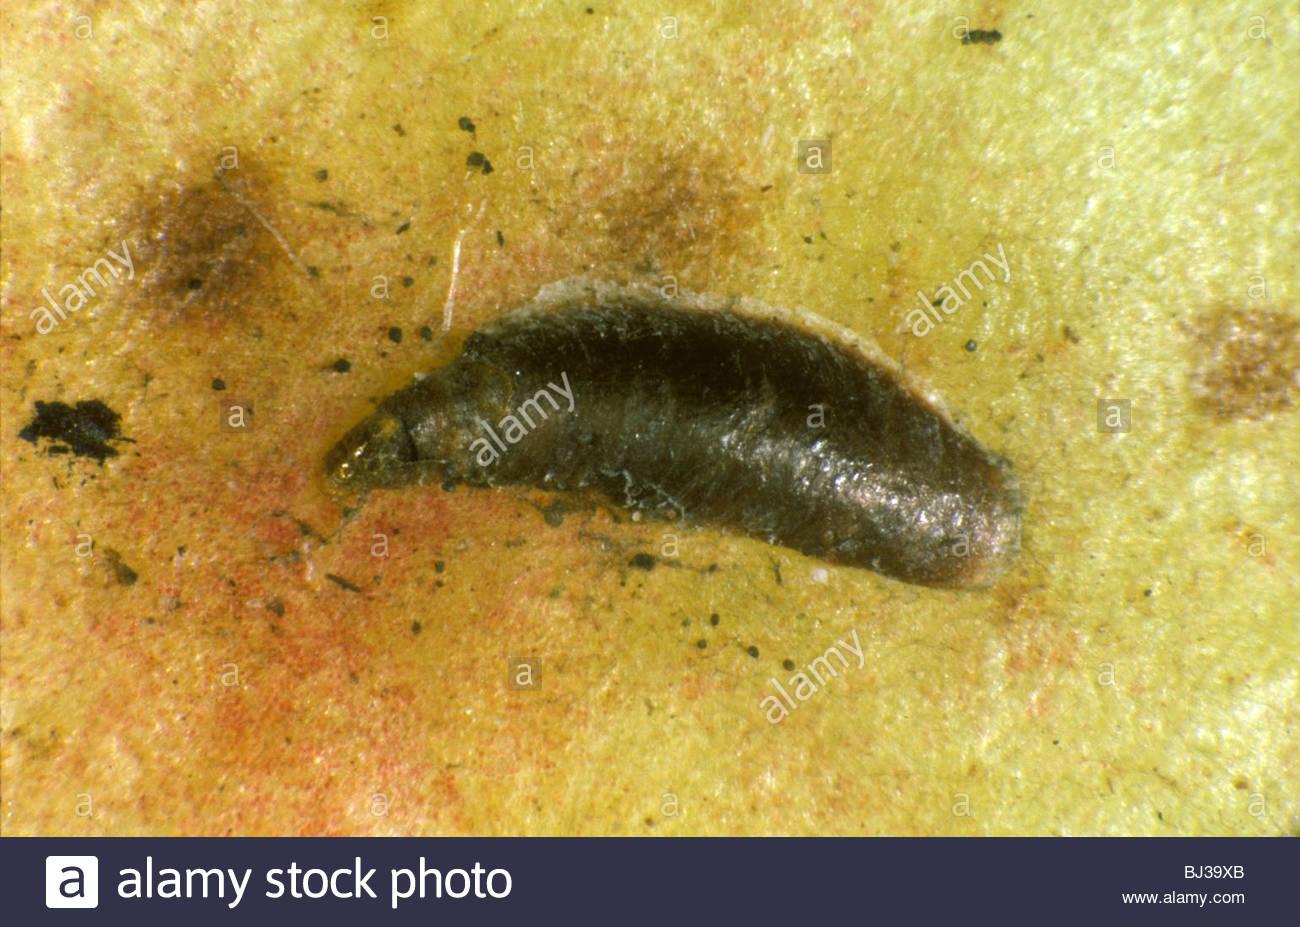 Escala de mejillones (Lepidosaphes ulmi) en frutos de manzana Imagen De Stock